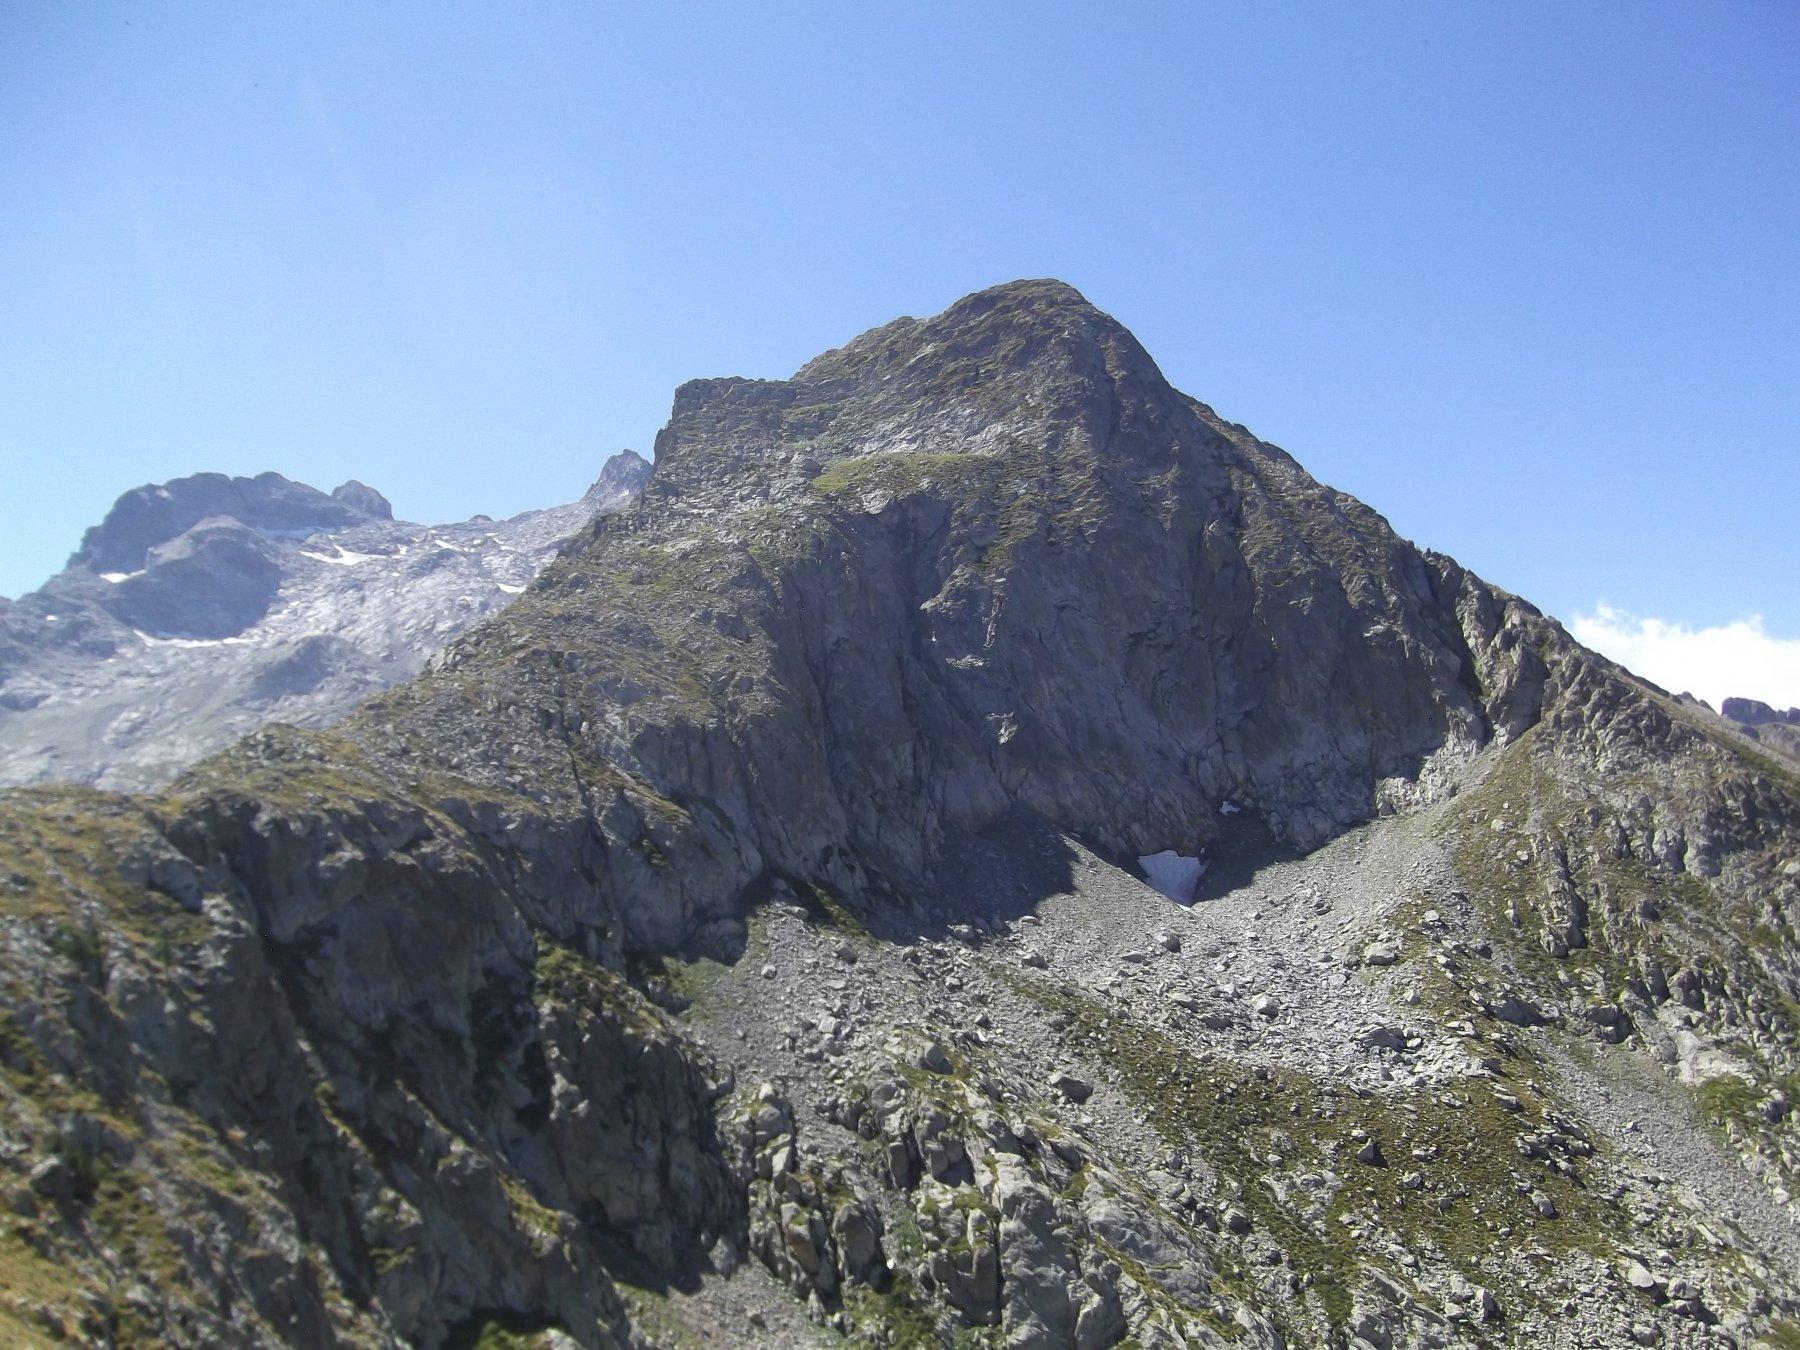 Punta della Siula con la cresta di salita vista da Punta Pantacreus.